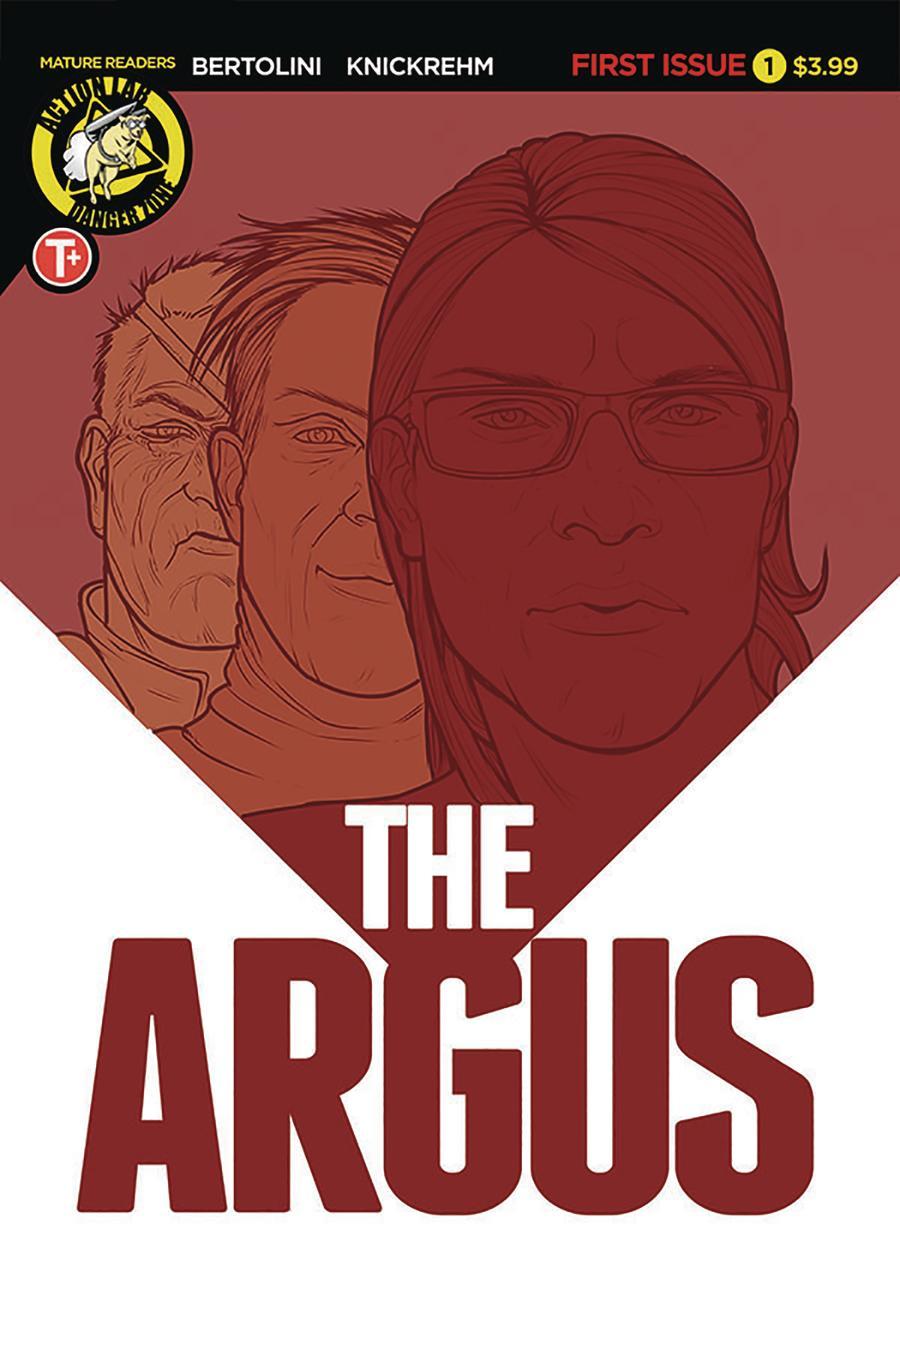 Argus (Danger Zone) #1